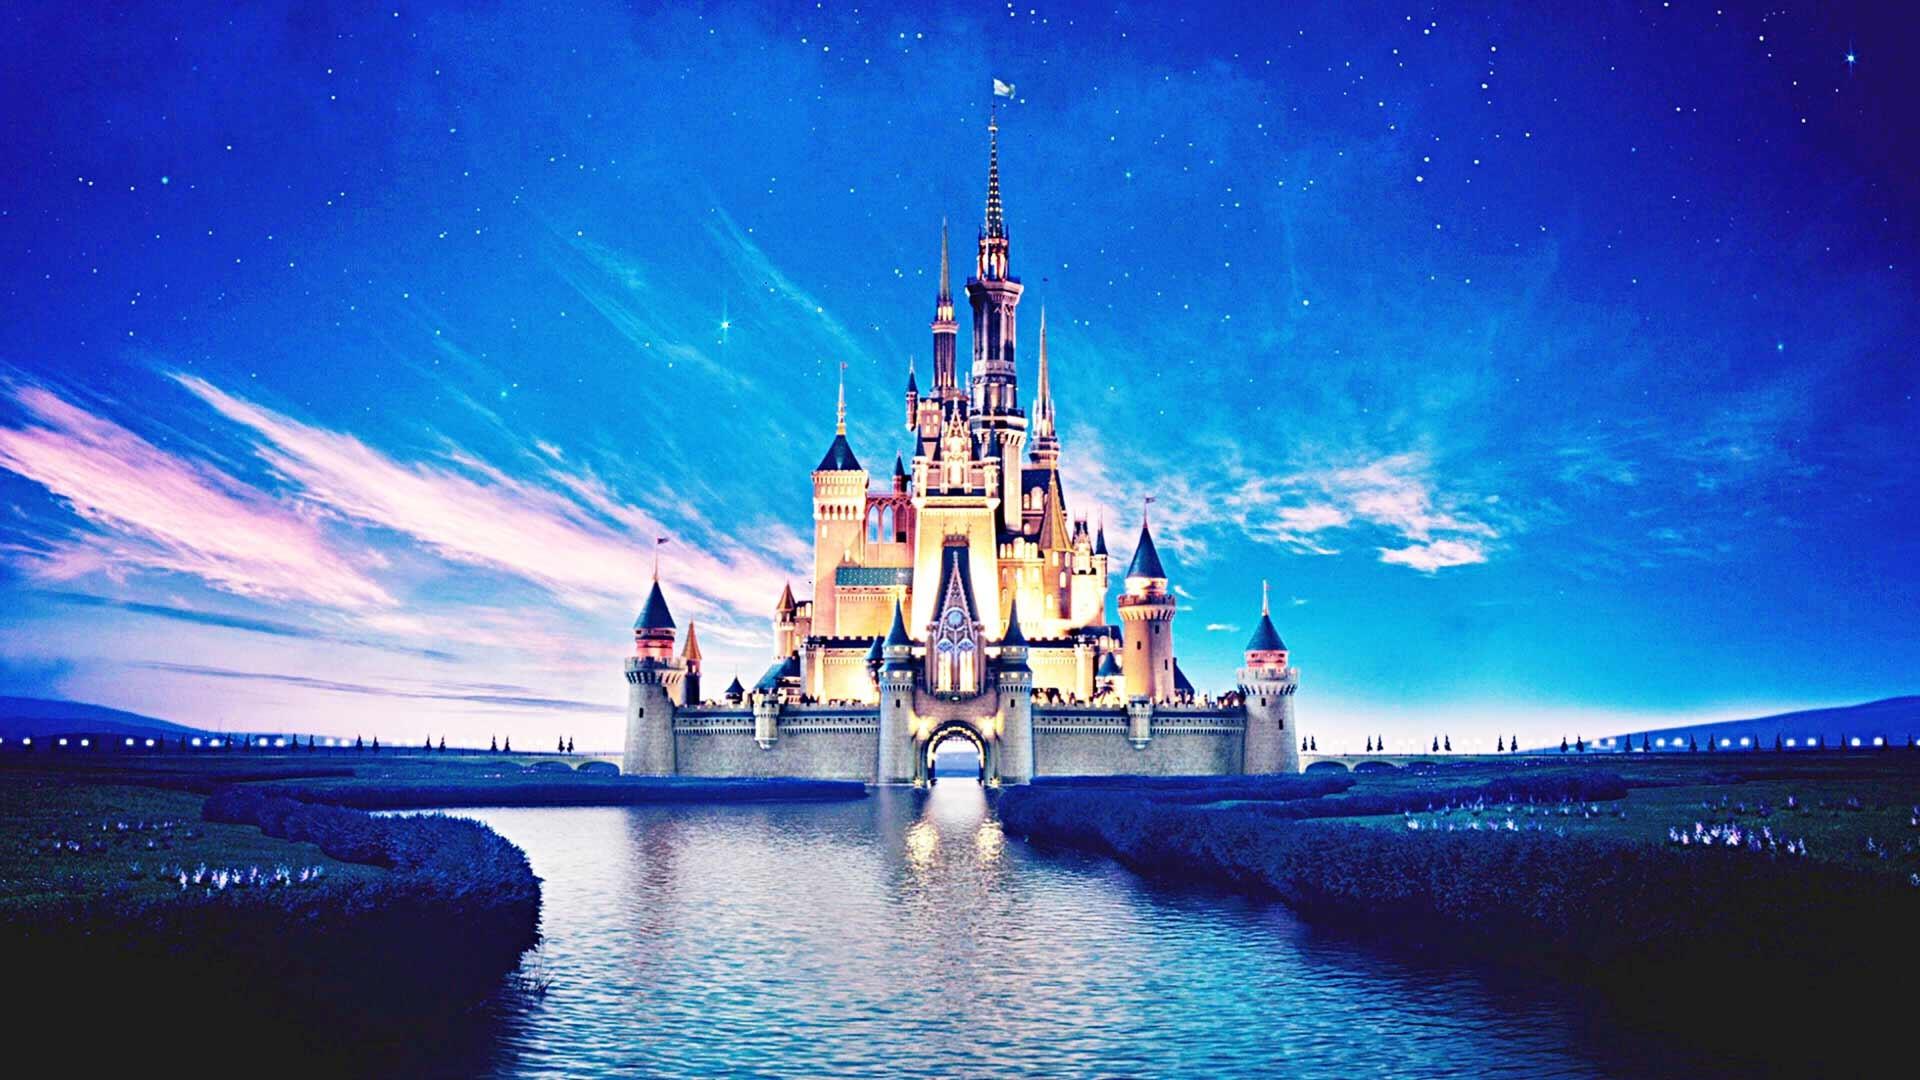 HD Disney Screensavers